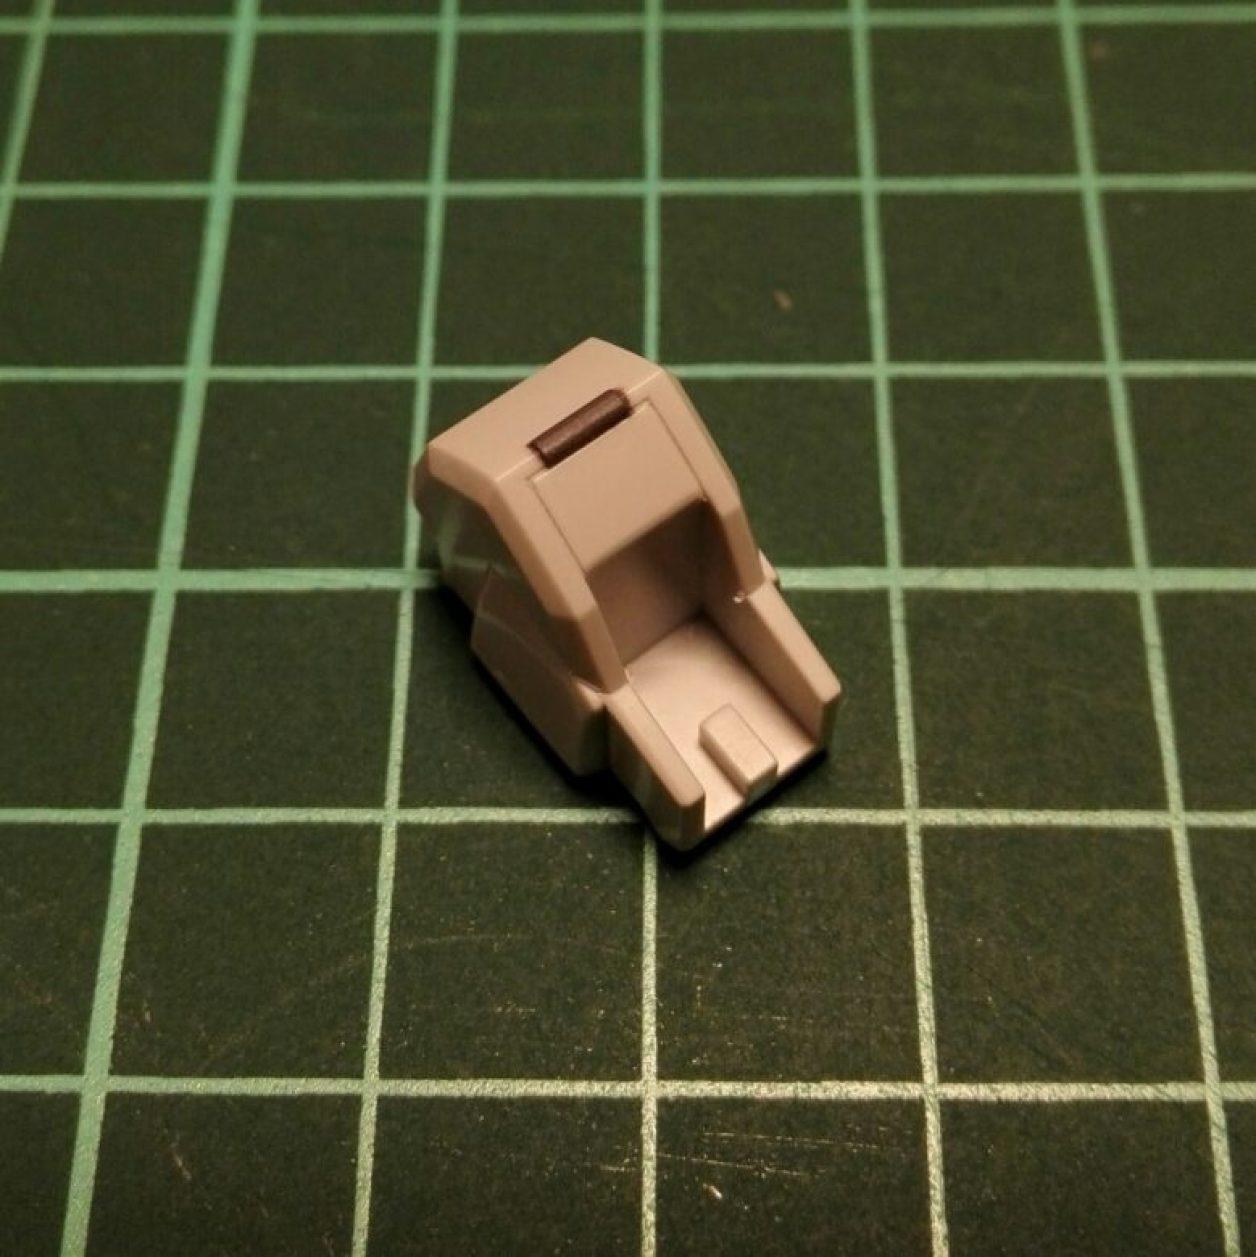 ヘイズルアウスラの胸部ユニットを構成するfg緊急脱出ポッド[プリムローズ]の制作記録における塗装工程にてガンダムマーカーエアブラシシステムでグレーに塗装した画像